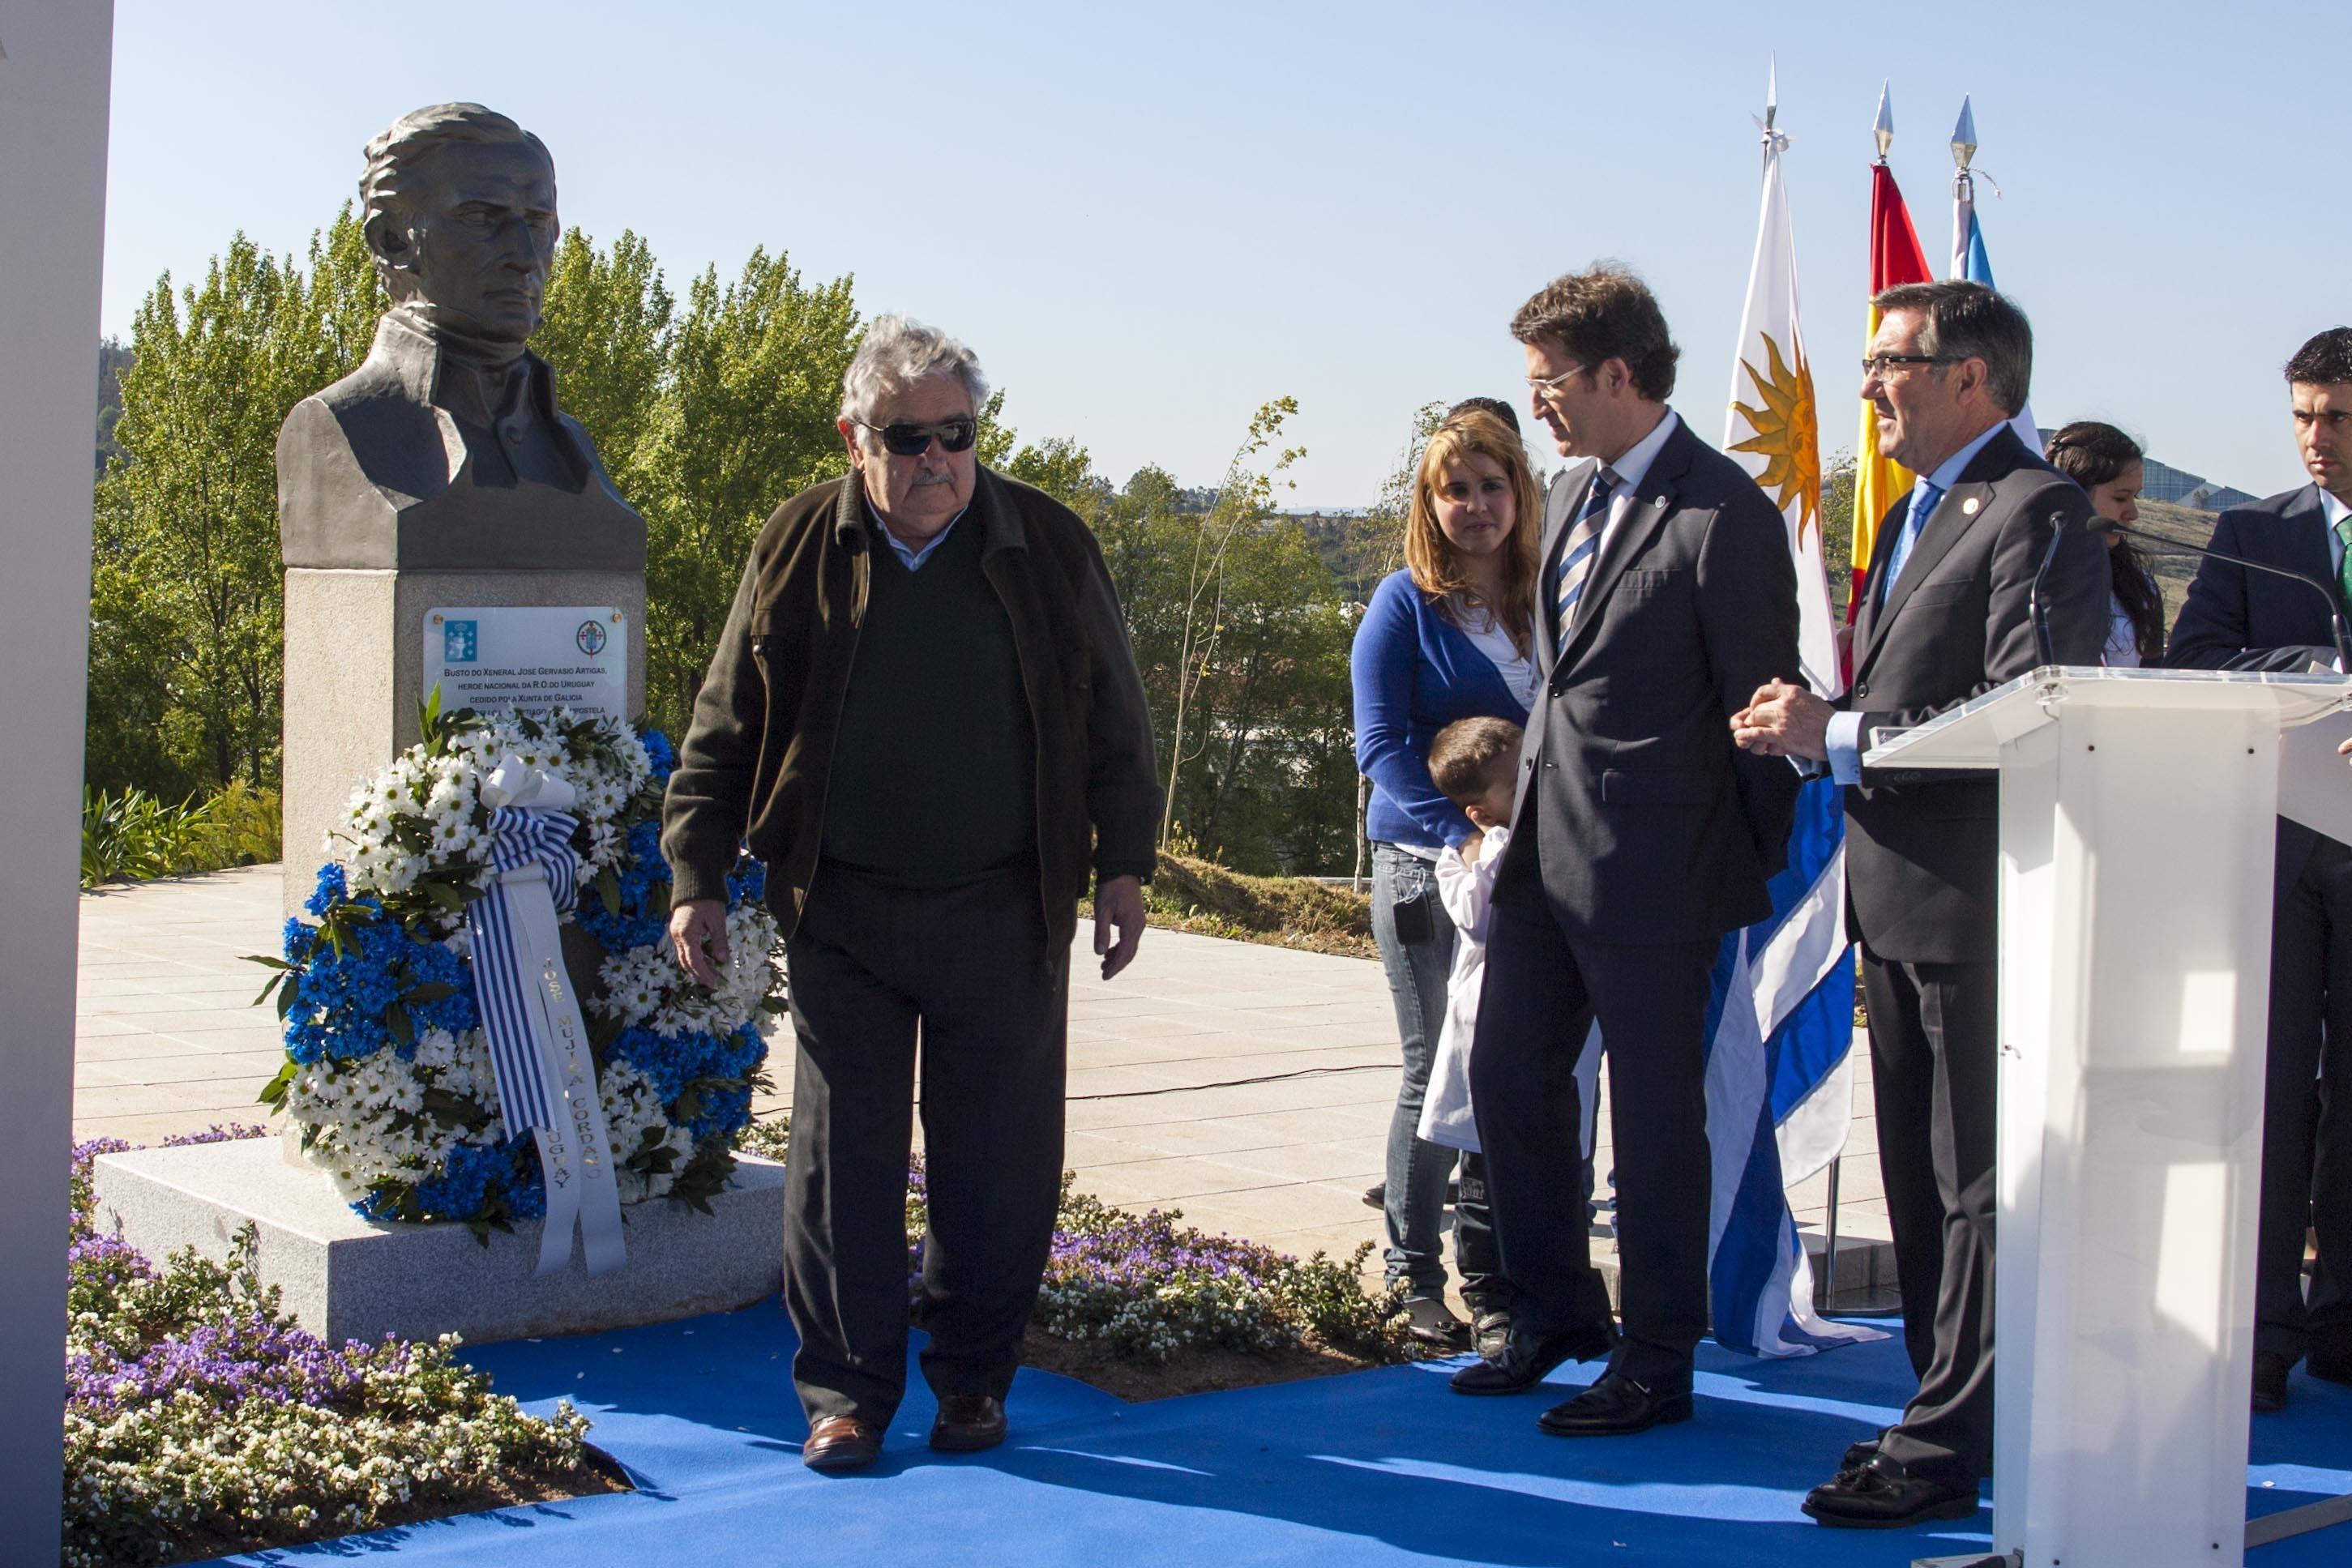 Feijóo reivindica la cooperación de Galicia y Uruguay y agradece la mano tendida de Mujica para nuevos proyectos comunes